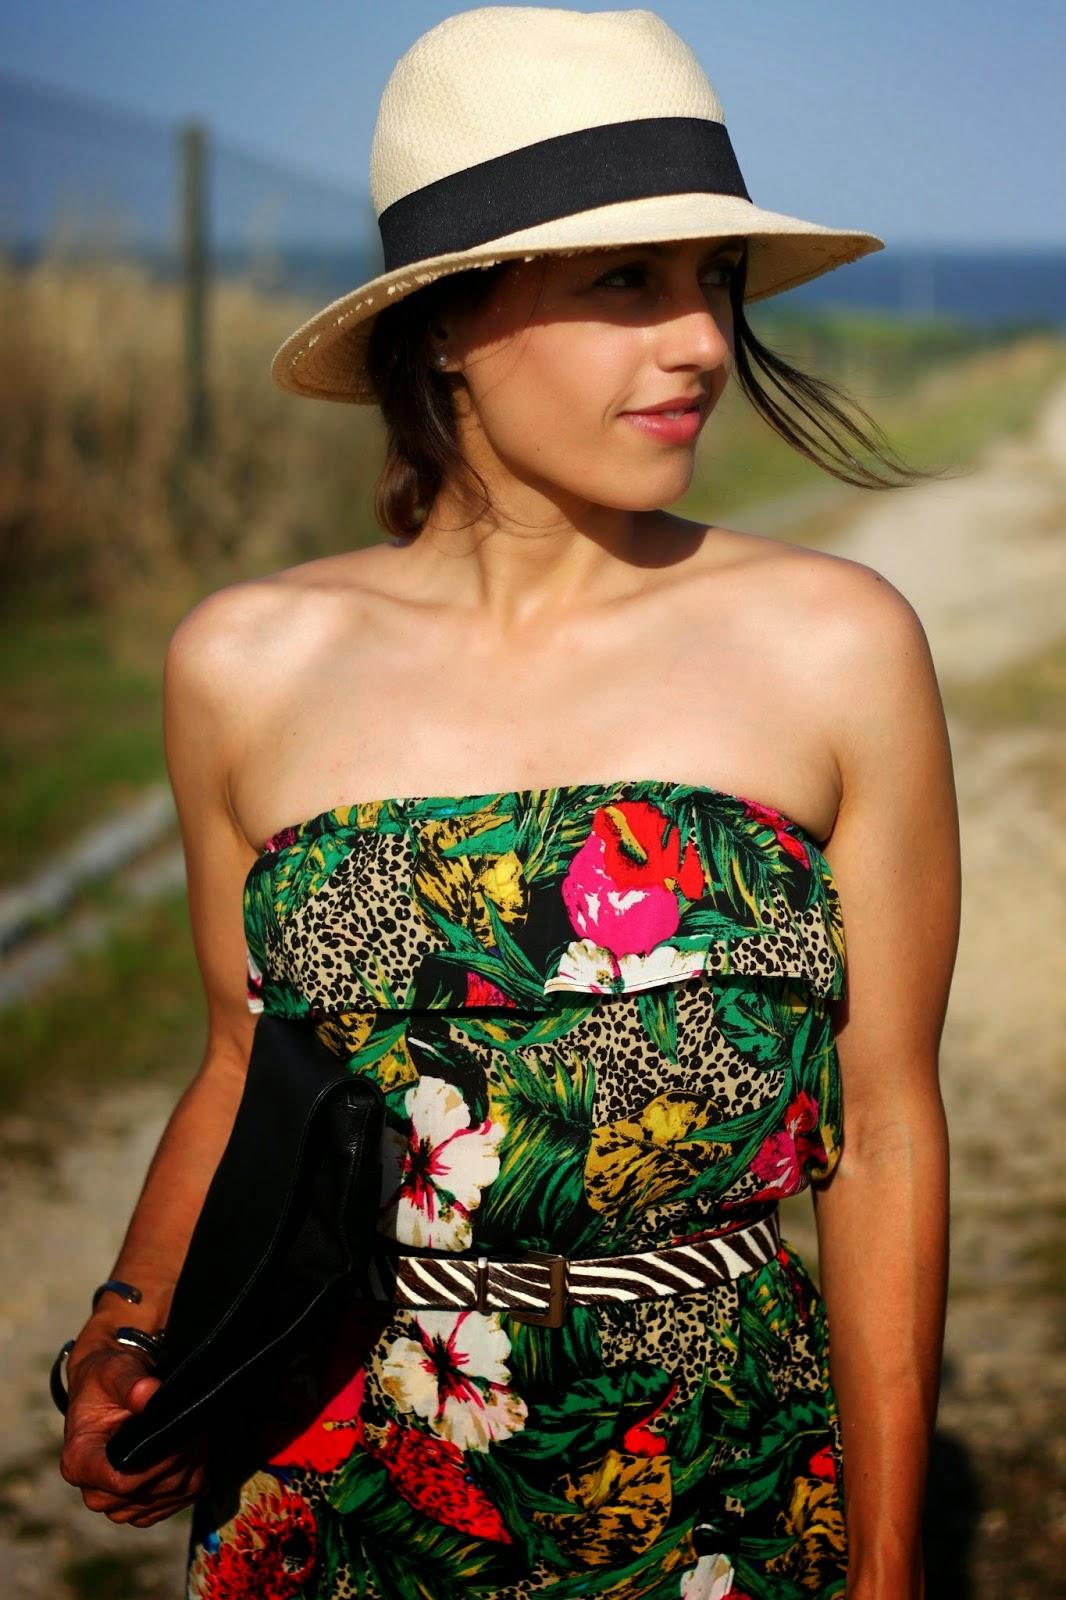 http://ilovefitametrica.blogspot.pt/2014/06/tropical-dress.html